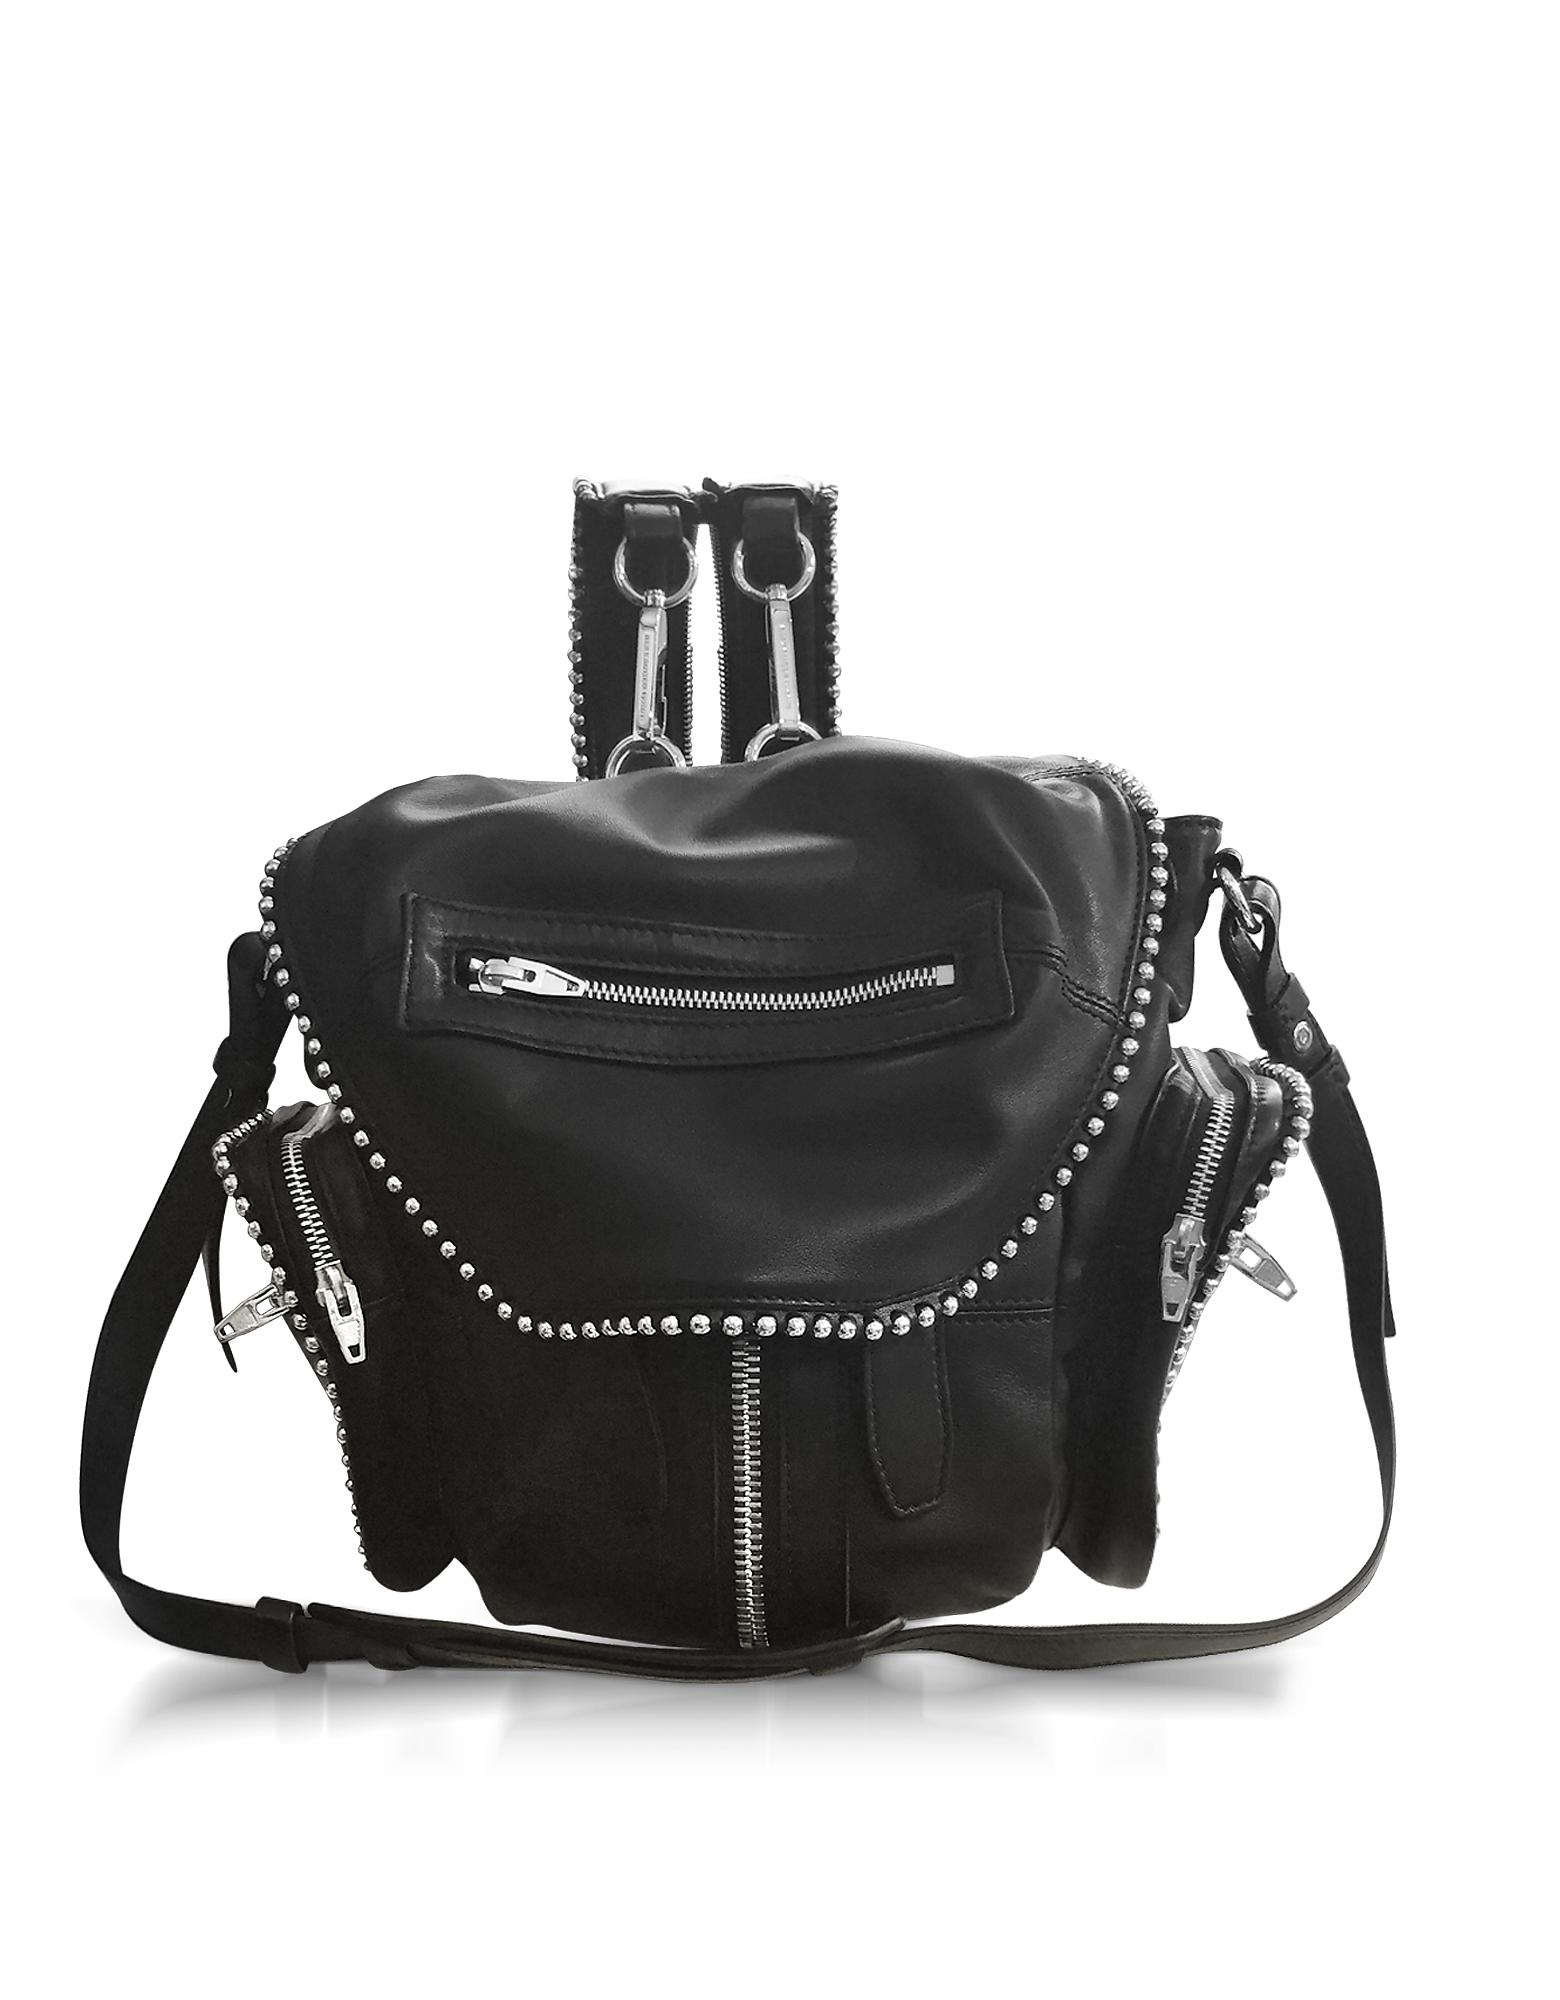 Фото Marti - Маленький Черный Кожаный Рюкзак с Круглыми Заклепками. Купить с доставкой